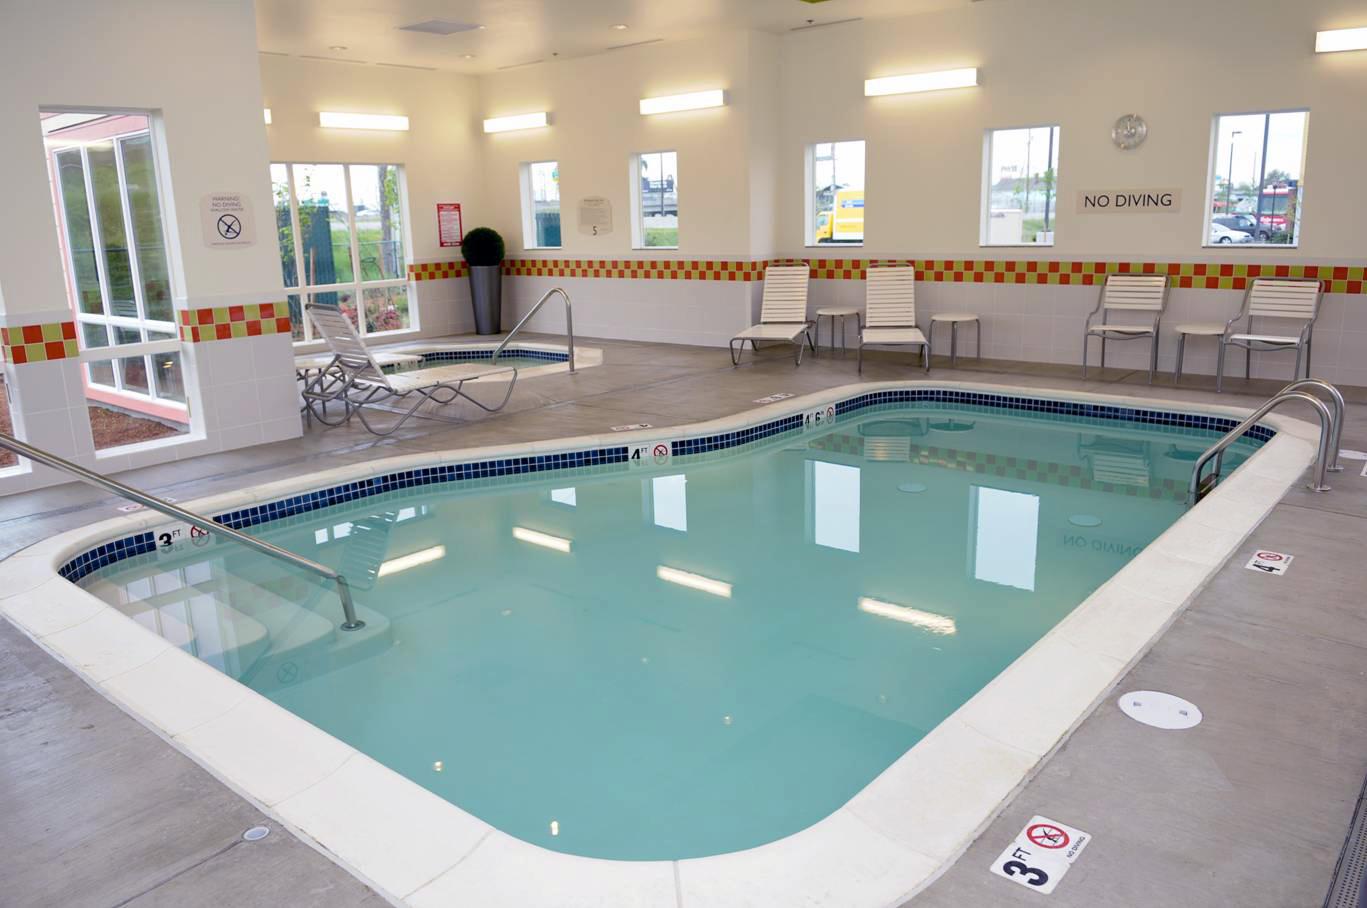 Fairfield Inn & Suites Portland North image 5